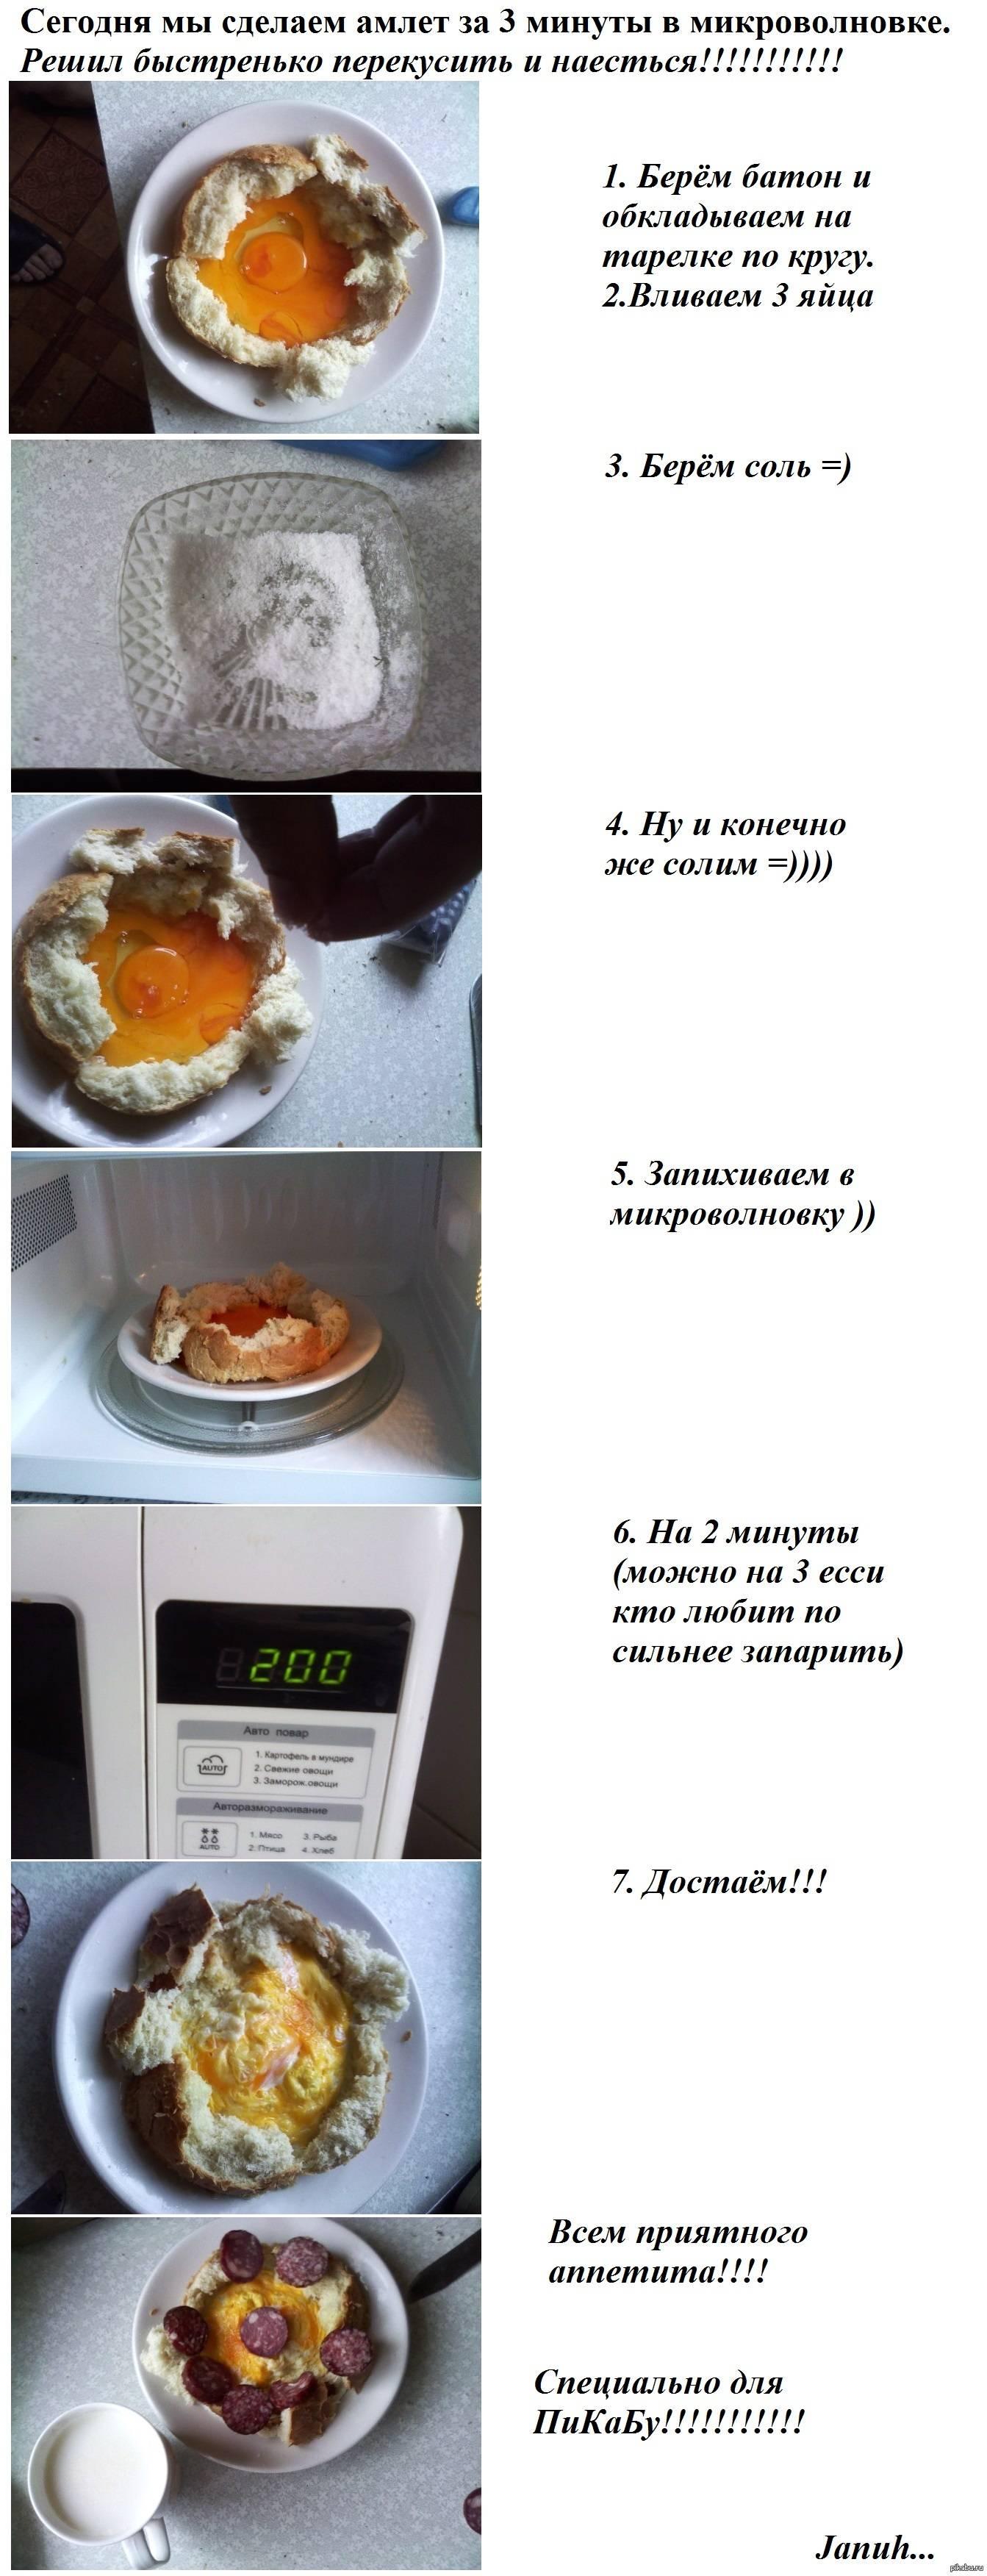 Кекс в кружке в микроволновке с кофе - как готовить?